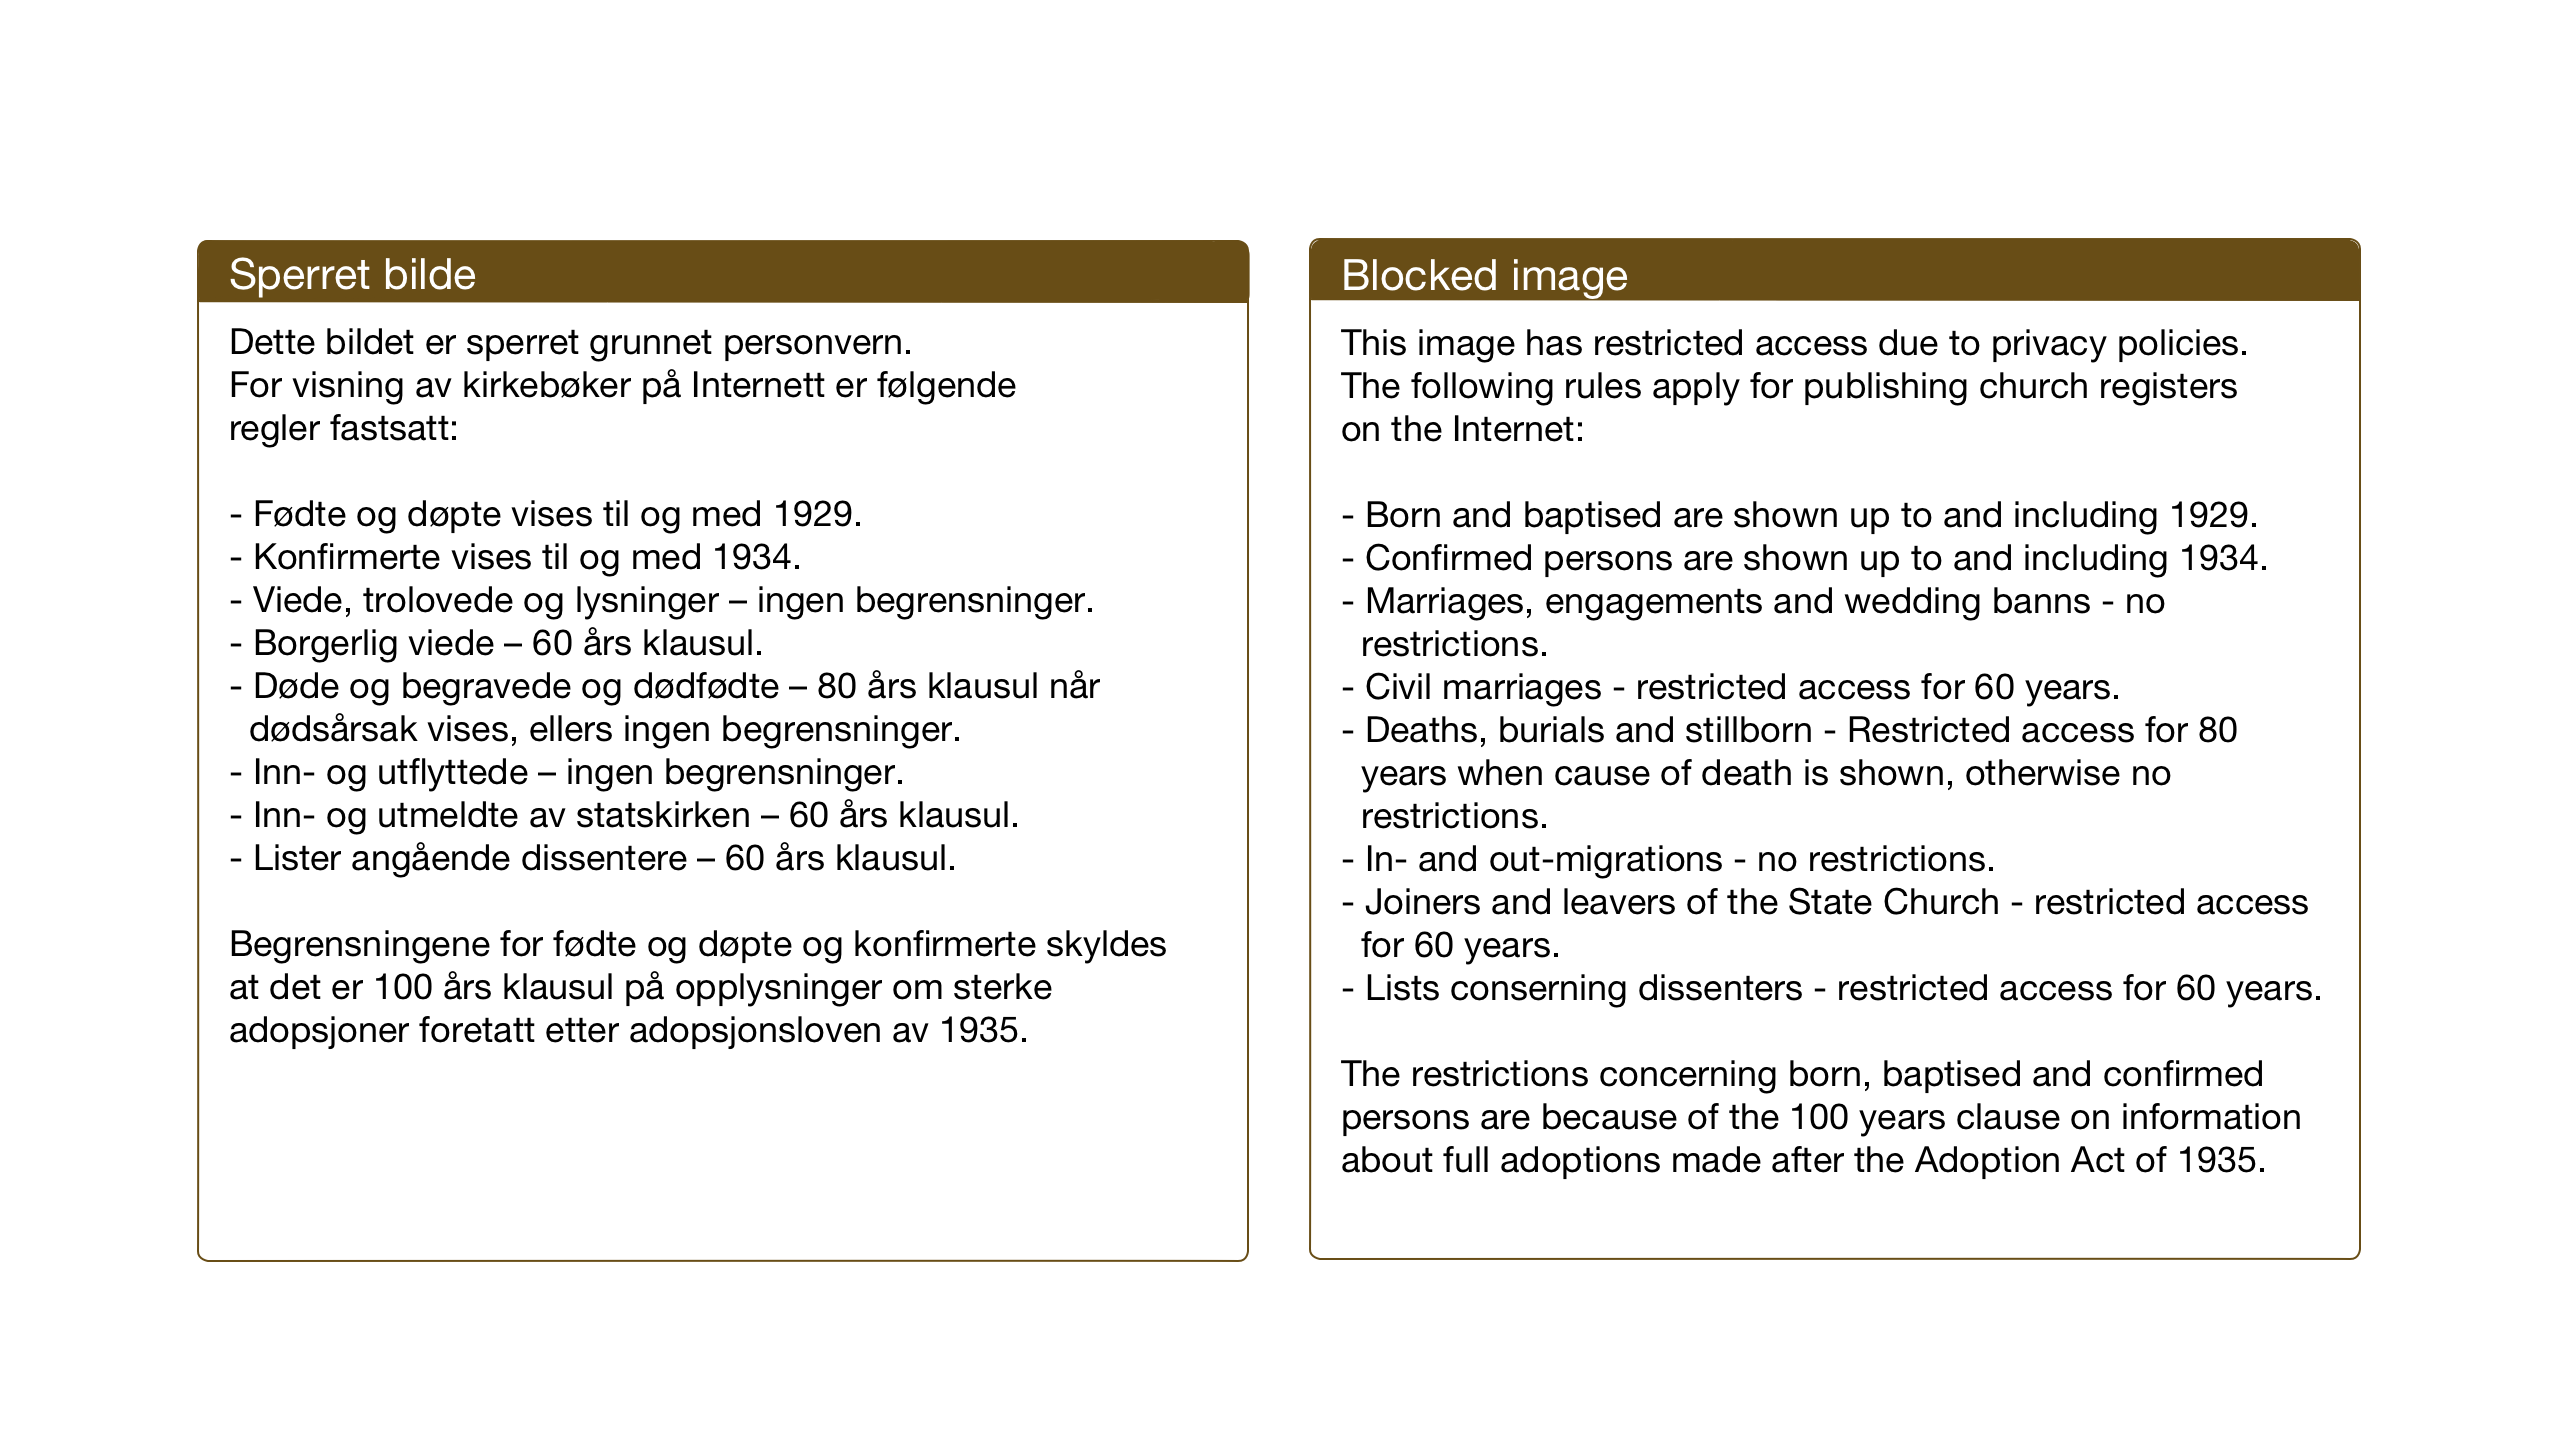 SAT, Ministerialprotokoller, klokkerbøker og fødselsregistre - Sør-Trøndelag, 658/L0727: Klokkerbok nr. 658C03, 1909-1935, s. 83